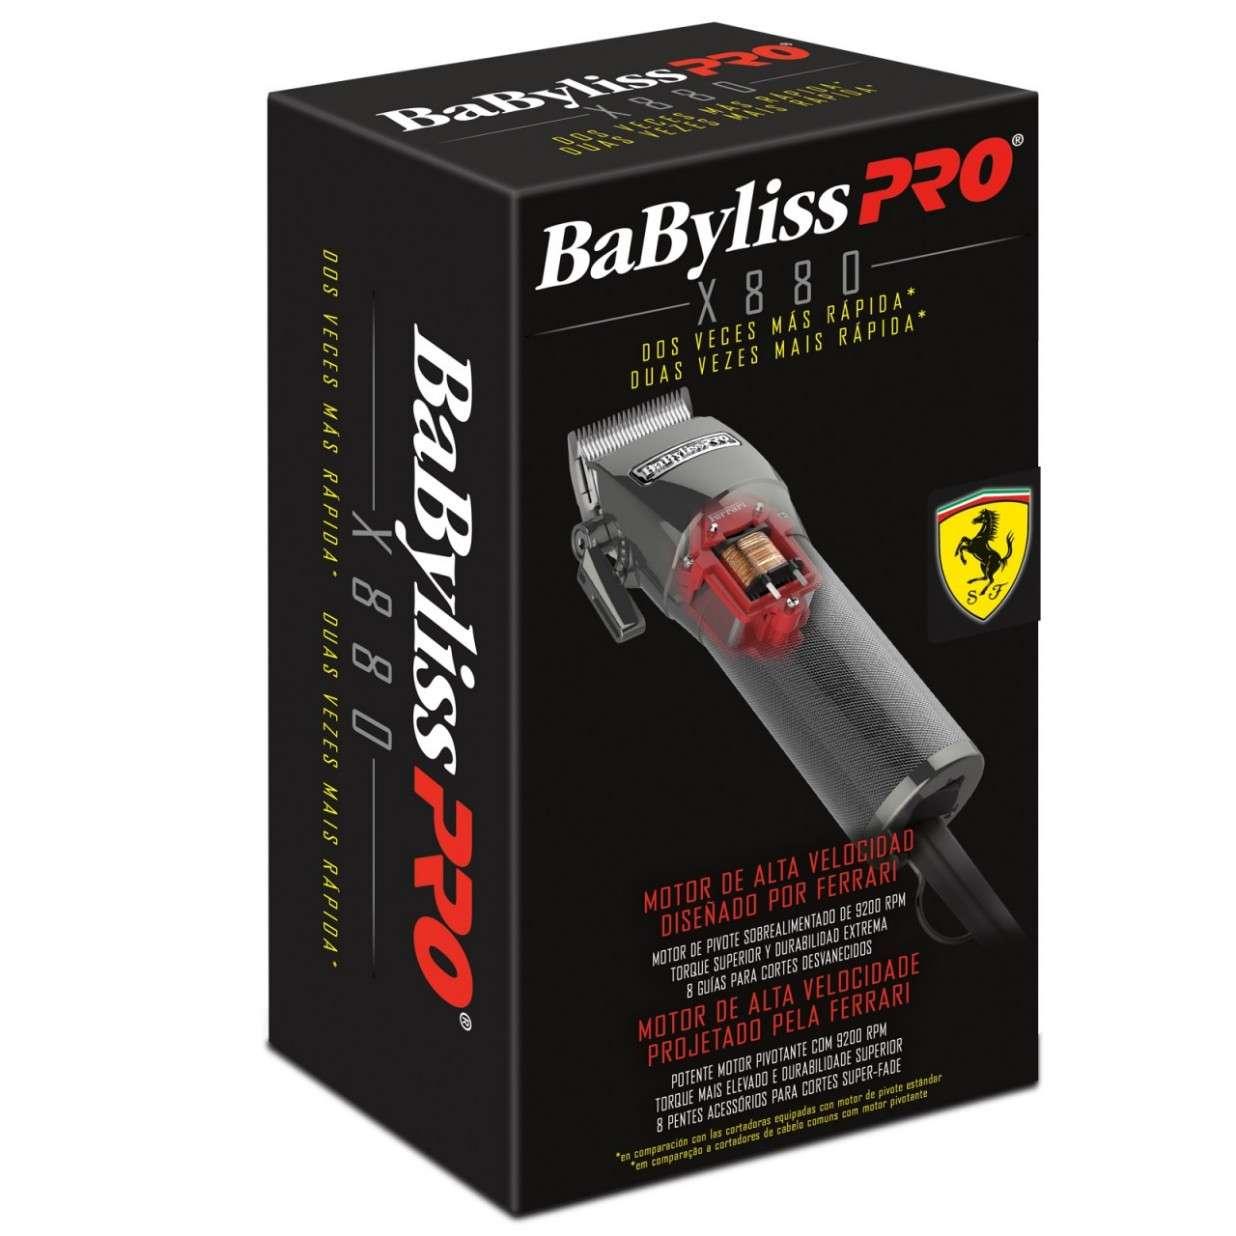 ... Máquina de Corte Profesional Super Fade X880 con Motor Ferrari +  Regalo. Previous. Next aeee9740cbb3